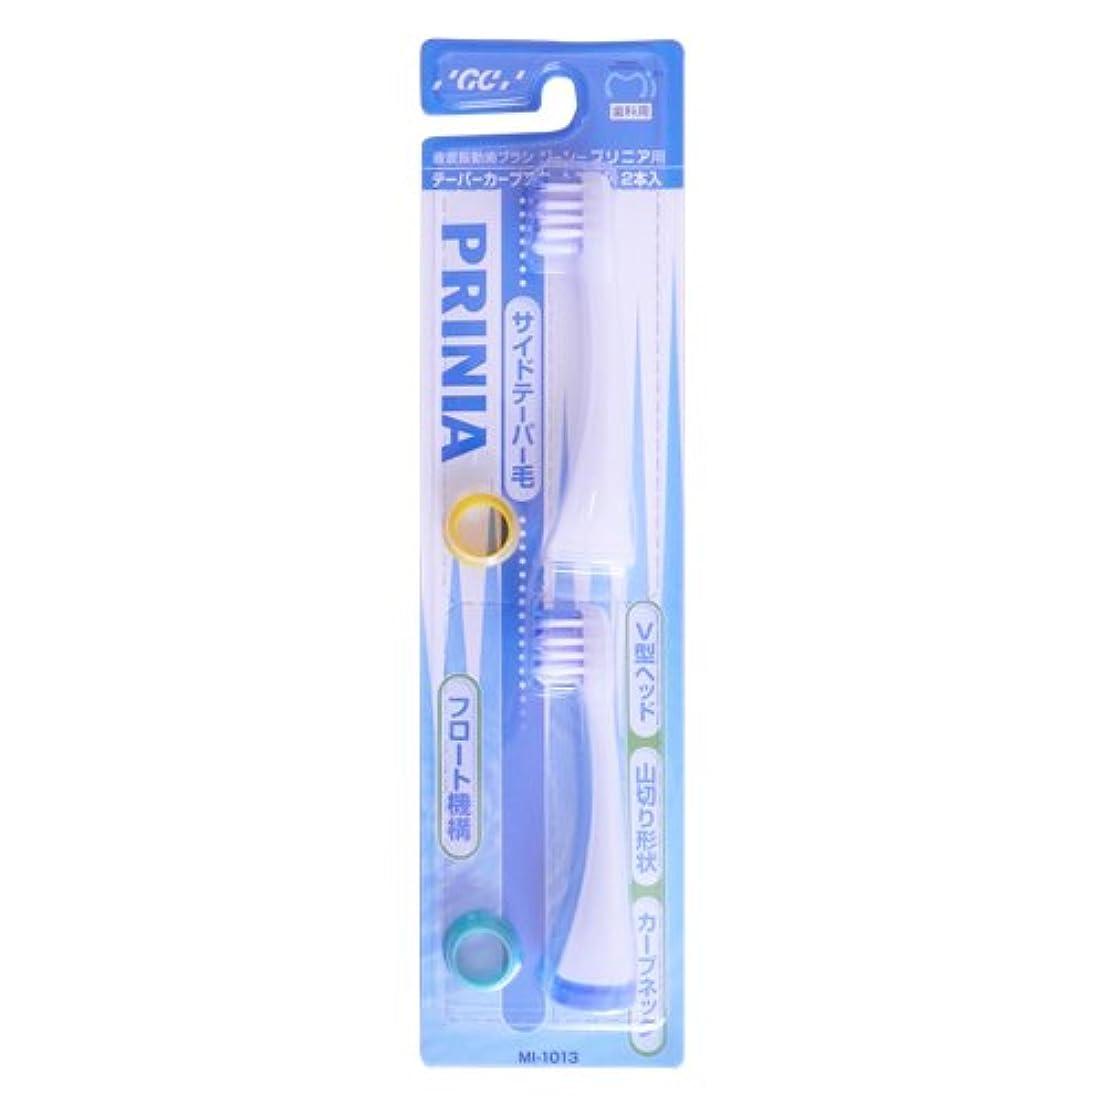 タイマー吸収するバスケットボールジーシー(GC) 歯科用 プリニア用 テーパーカーブフロートブラシ 2本入 替ブラシ ブルー